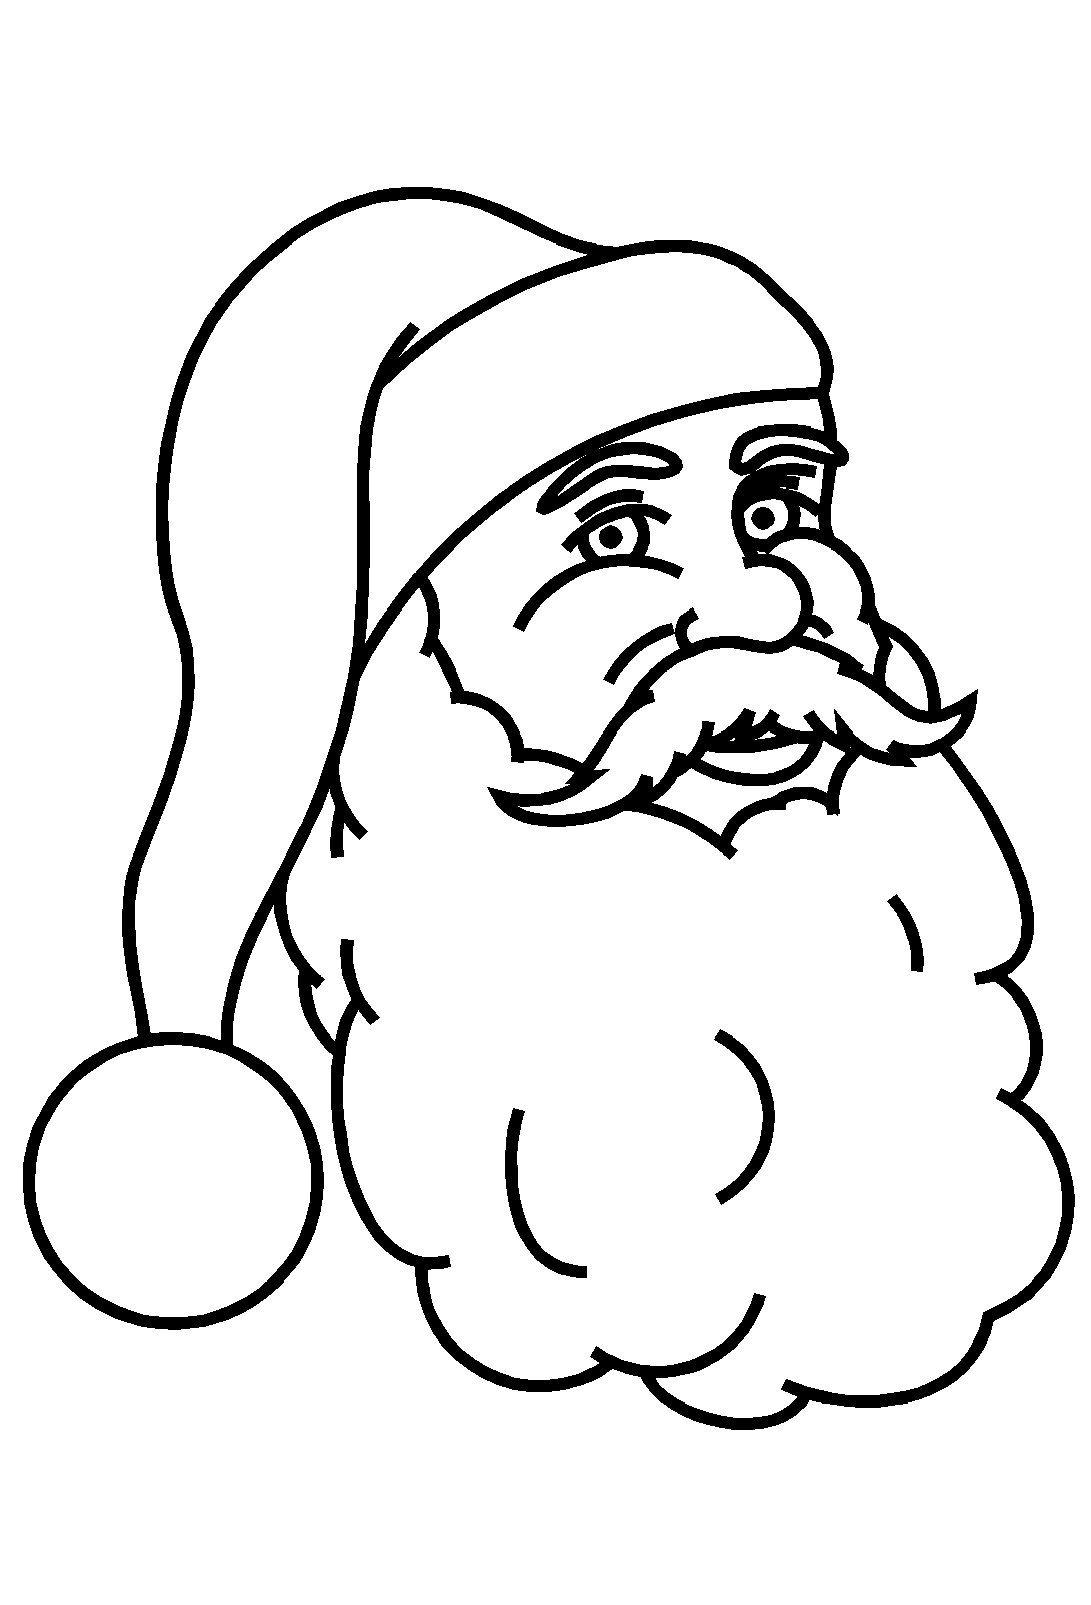 Le Père Noël en maternelle | Tete de pere noel, Pere noel, Visage